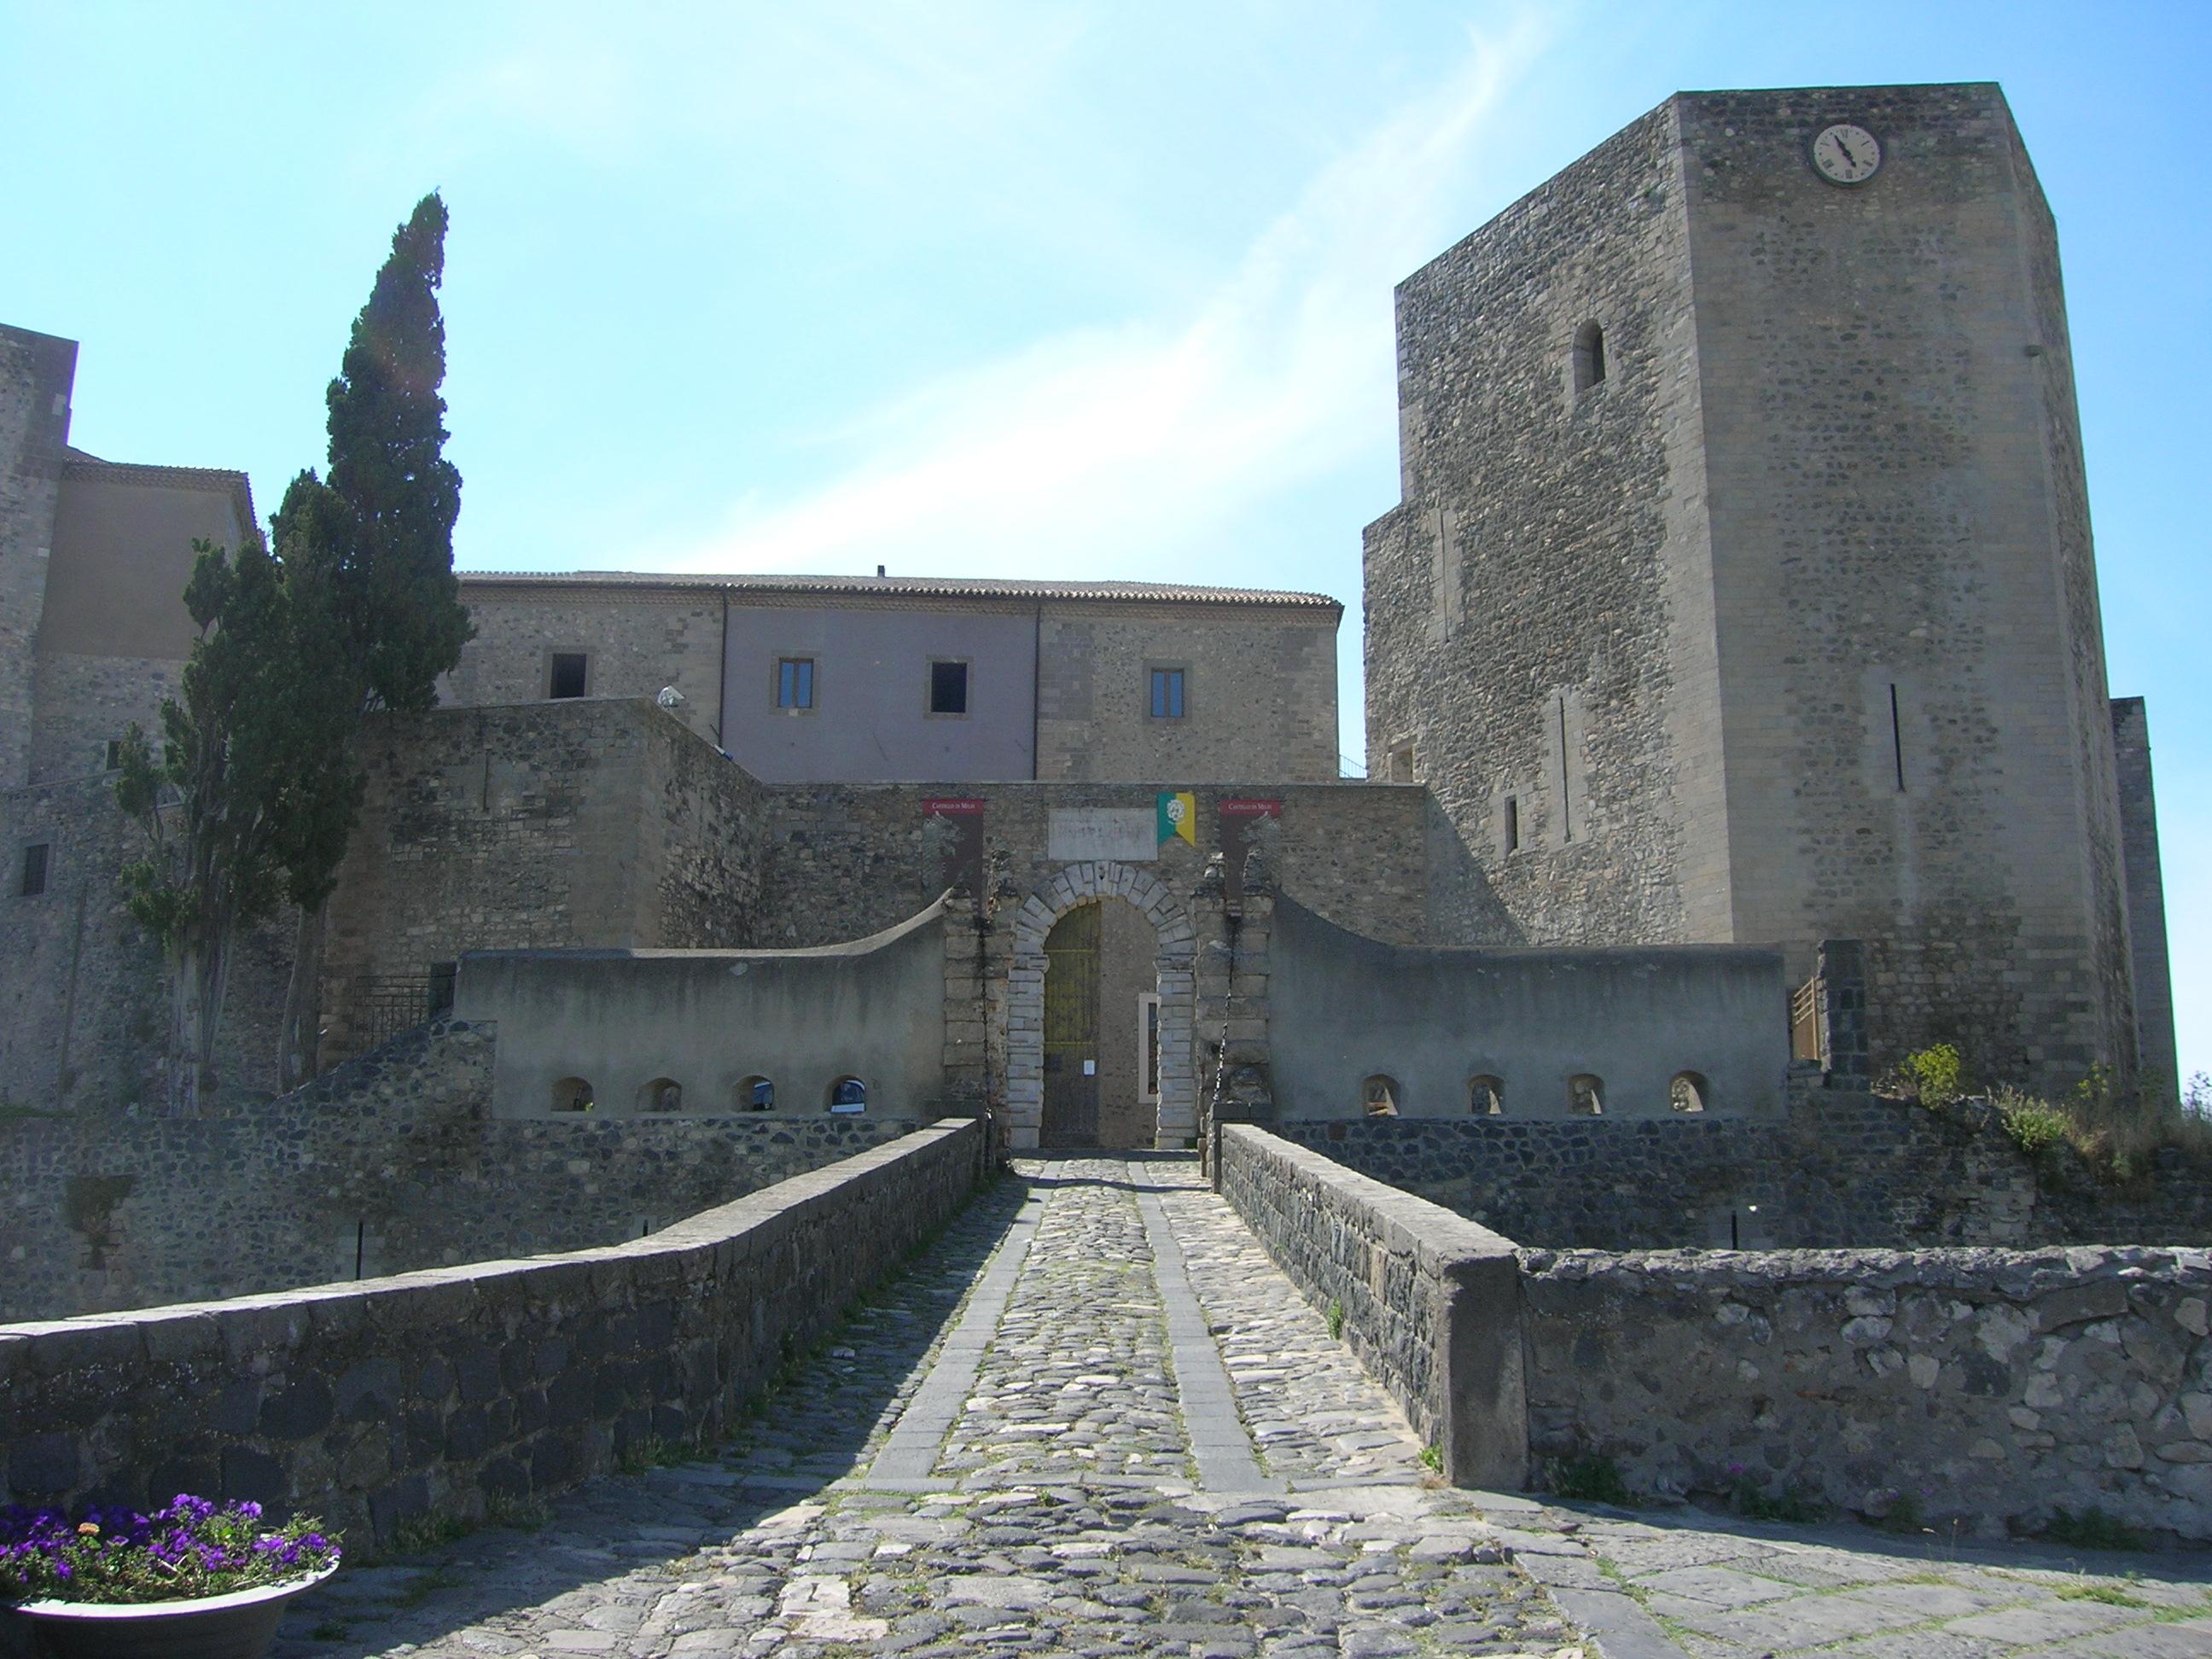 Federico ii in basilicata le tracce dell 39 imperatore in - Finestre castelli medievali ...